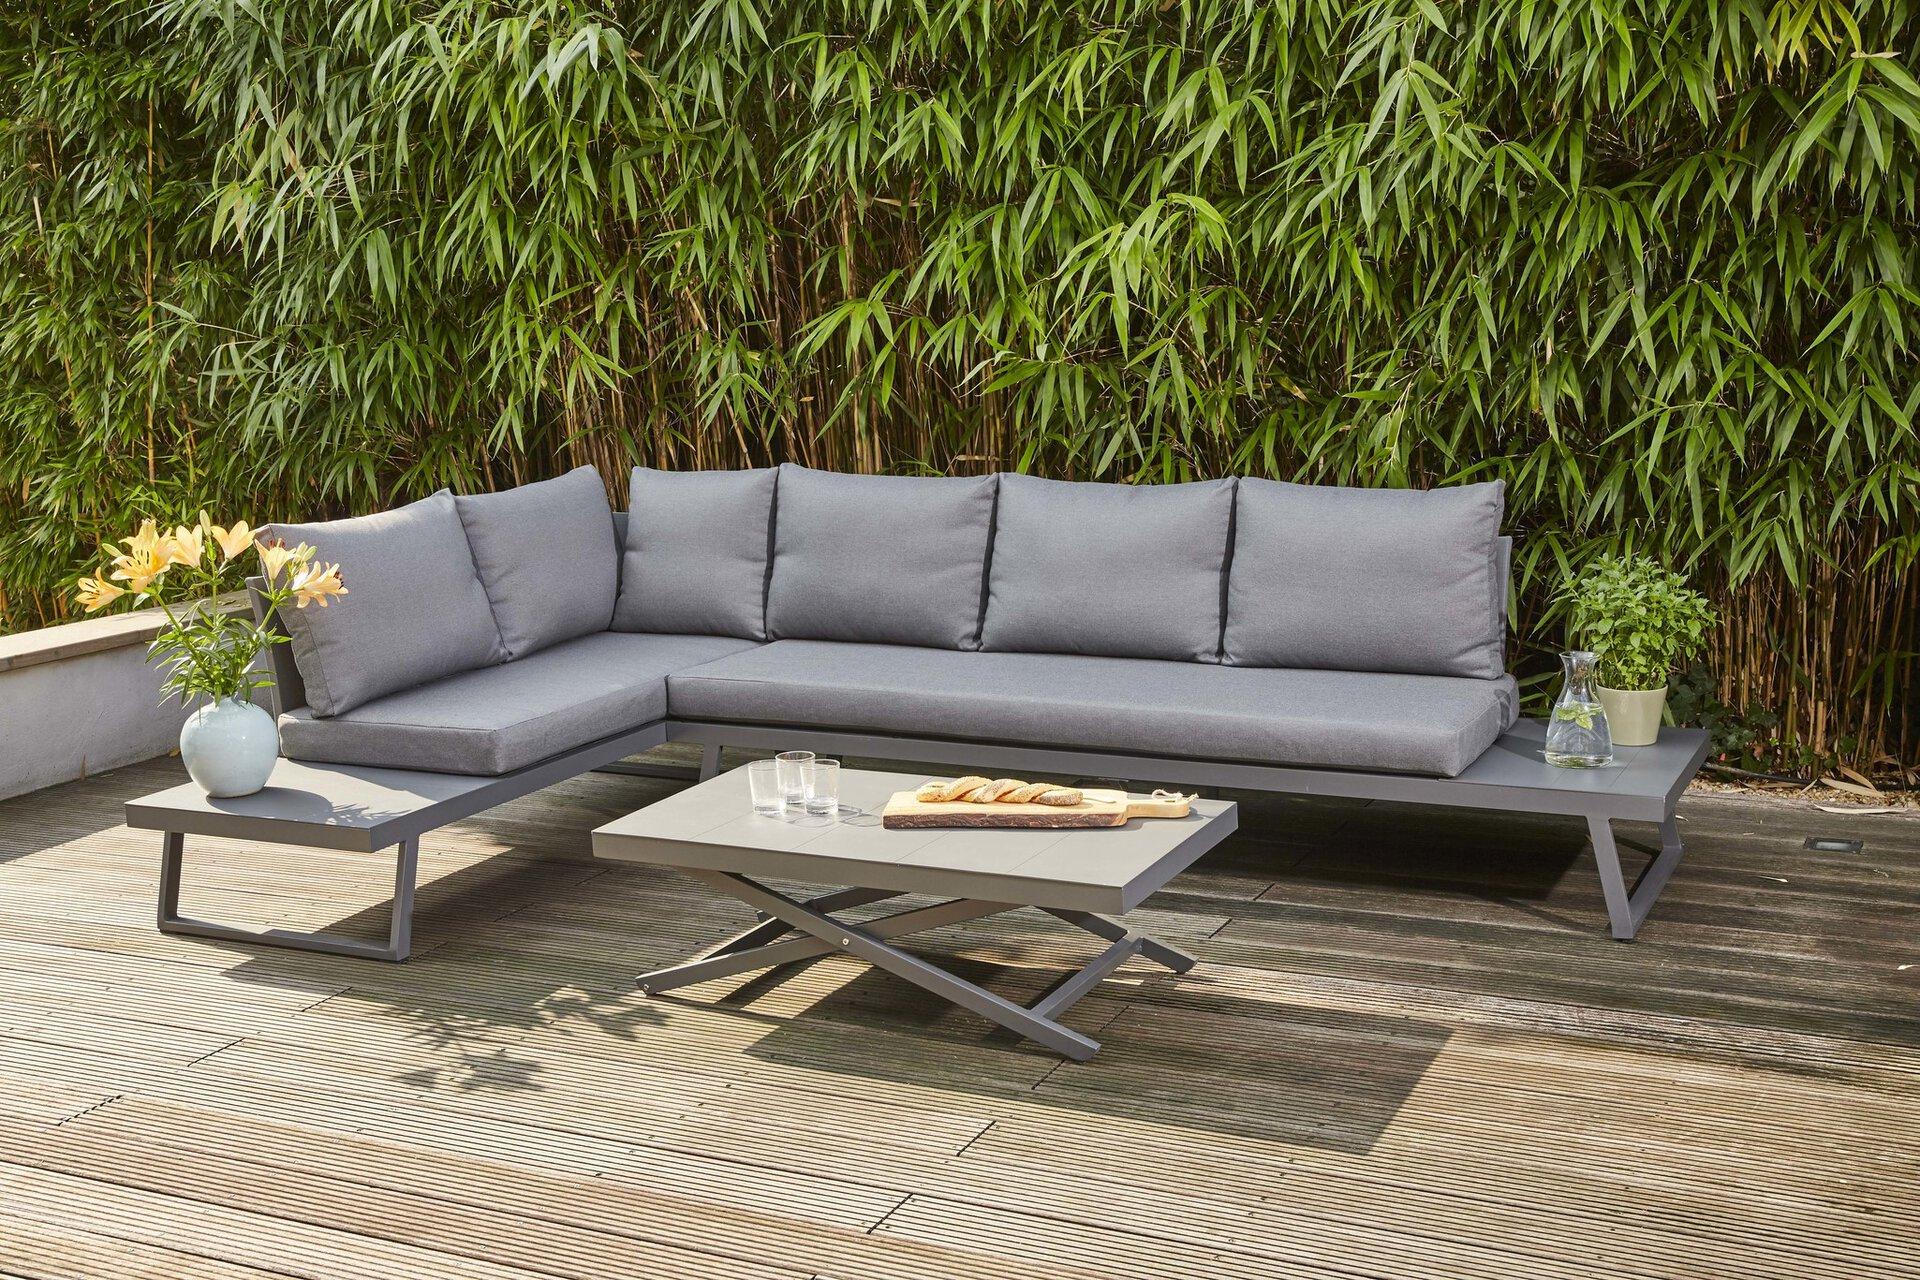 Loungetisch Larina Lifttisch Siena Garden Metall grau 110 x 62 x 60 cm